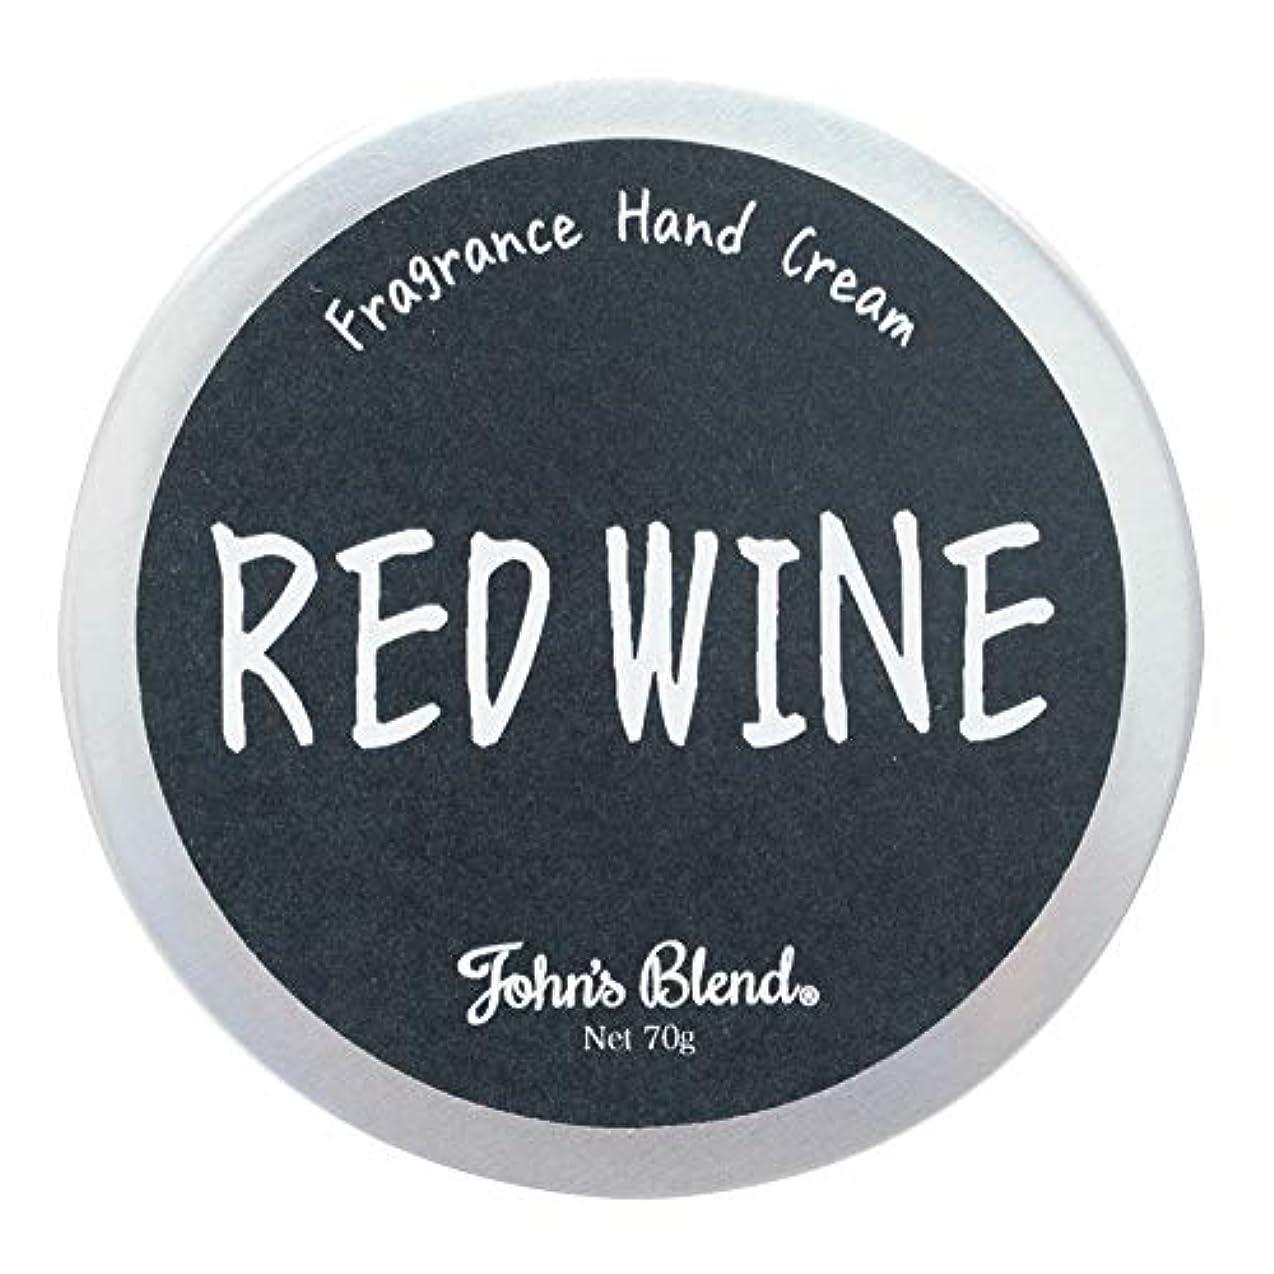 容疑者インペリアルバリーノルコーポレーション ハンドクリーム JohnsBlend レッドワインの香り 70g OZ-JOD-1-3